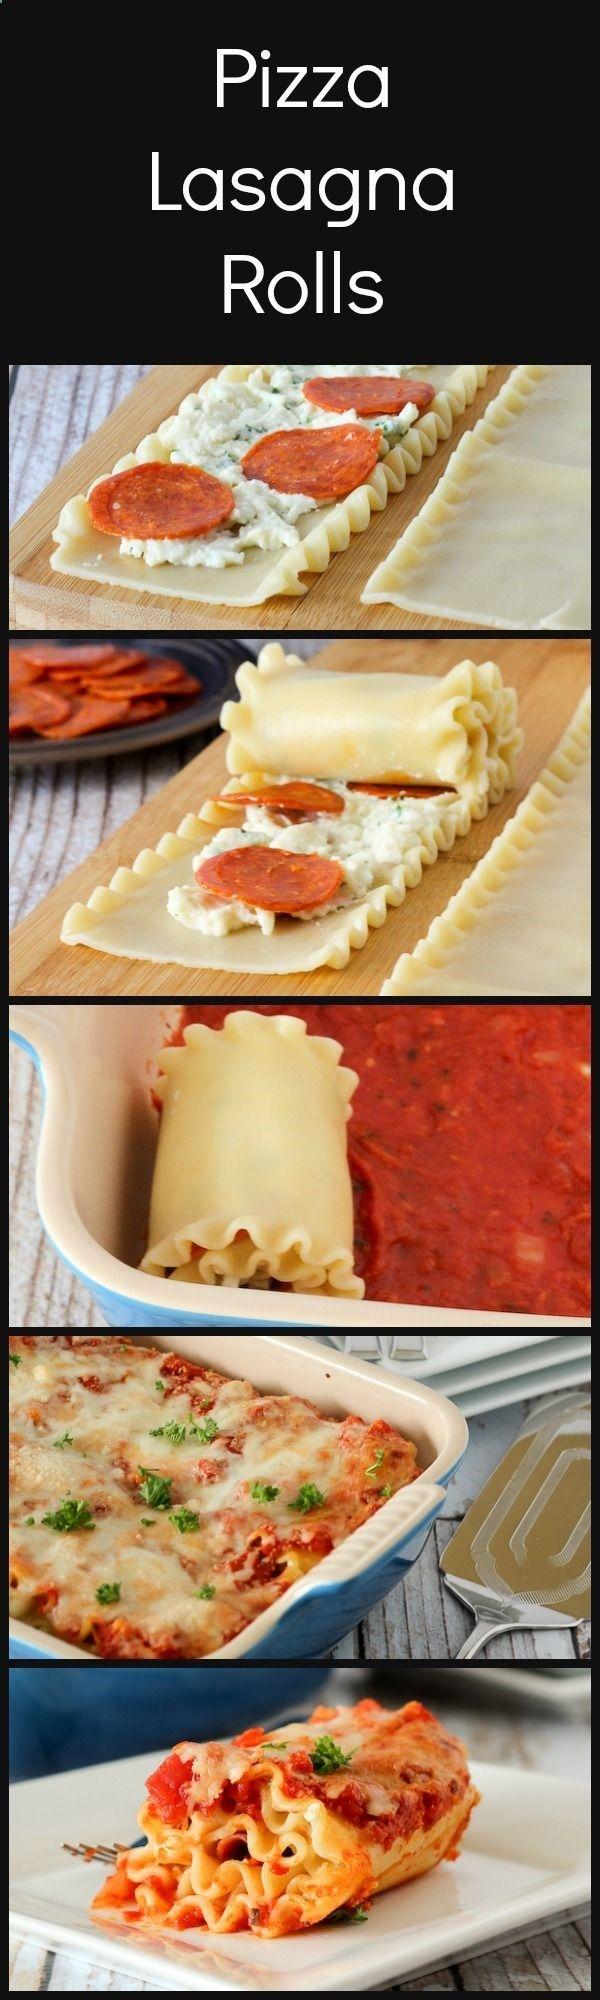 Pizza Lasagna Rolls Recipe